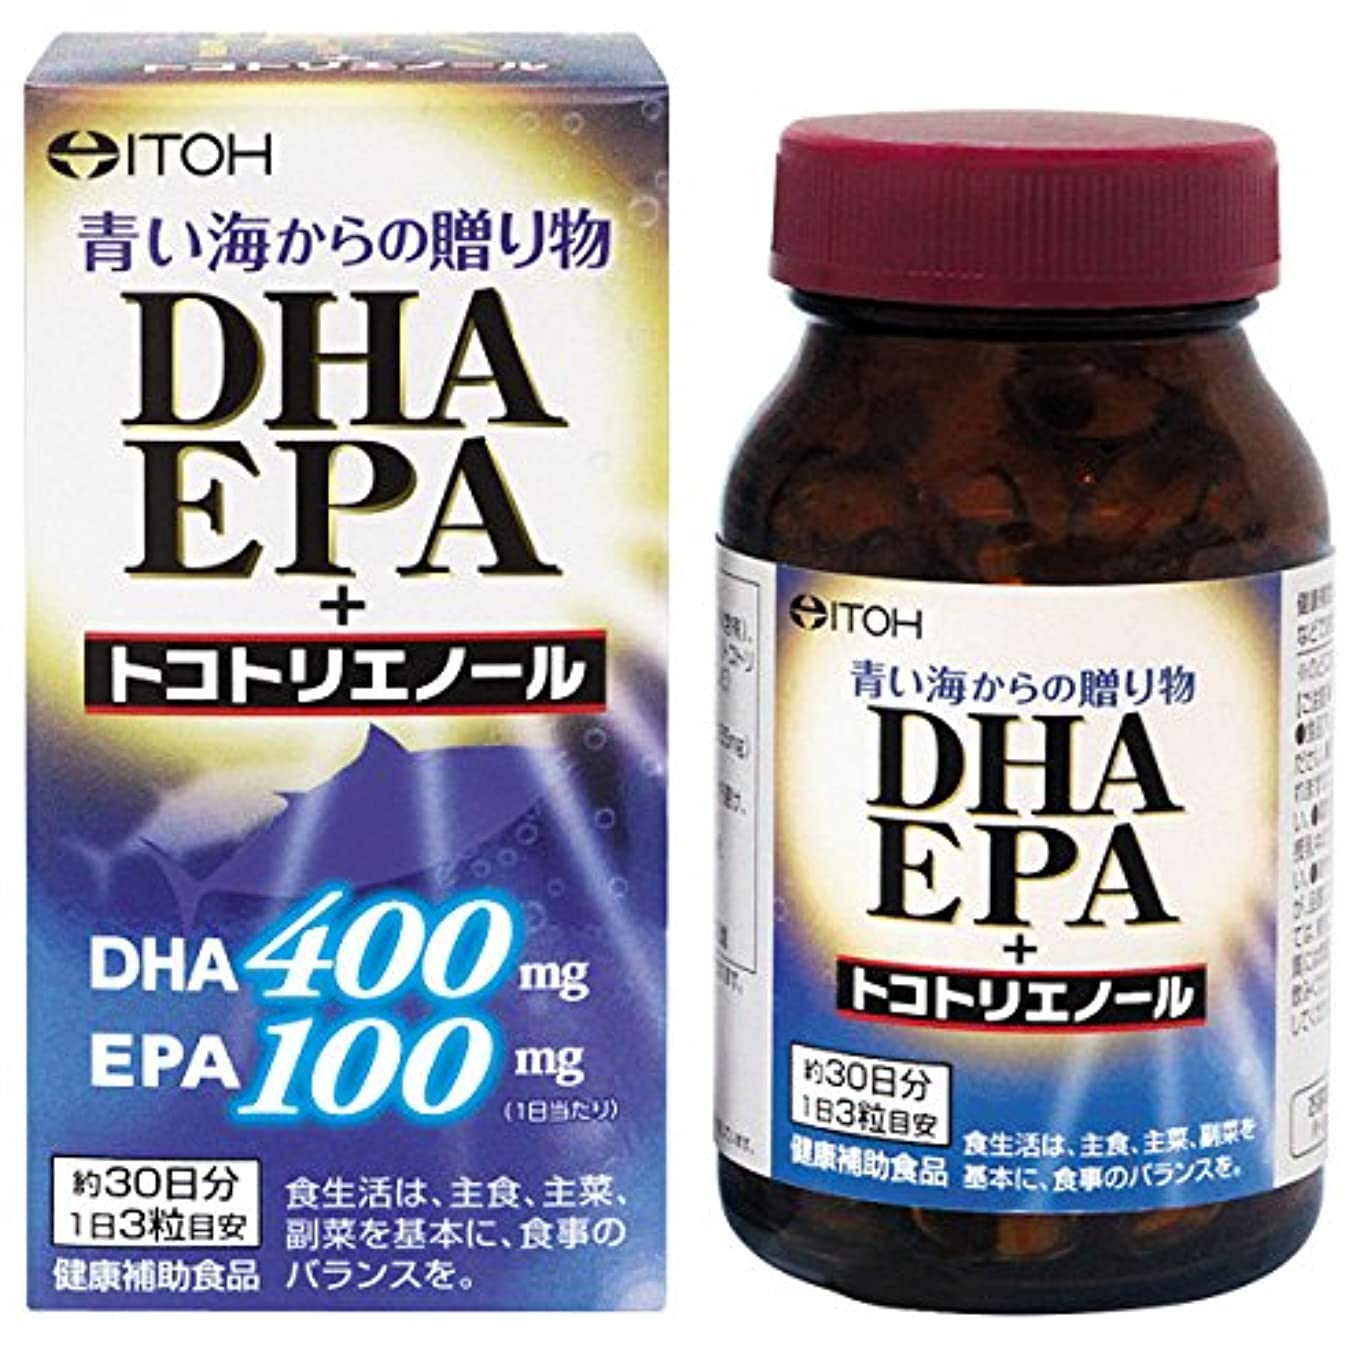 同行等しい練習井藤漢方製薬 DHA EPA+トコトリエノール 約30日分 90粒